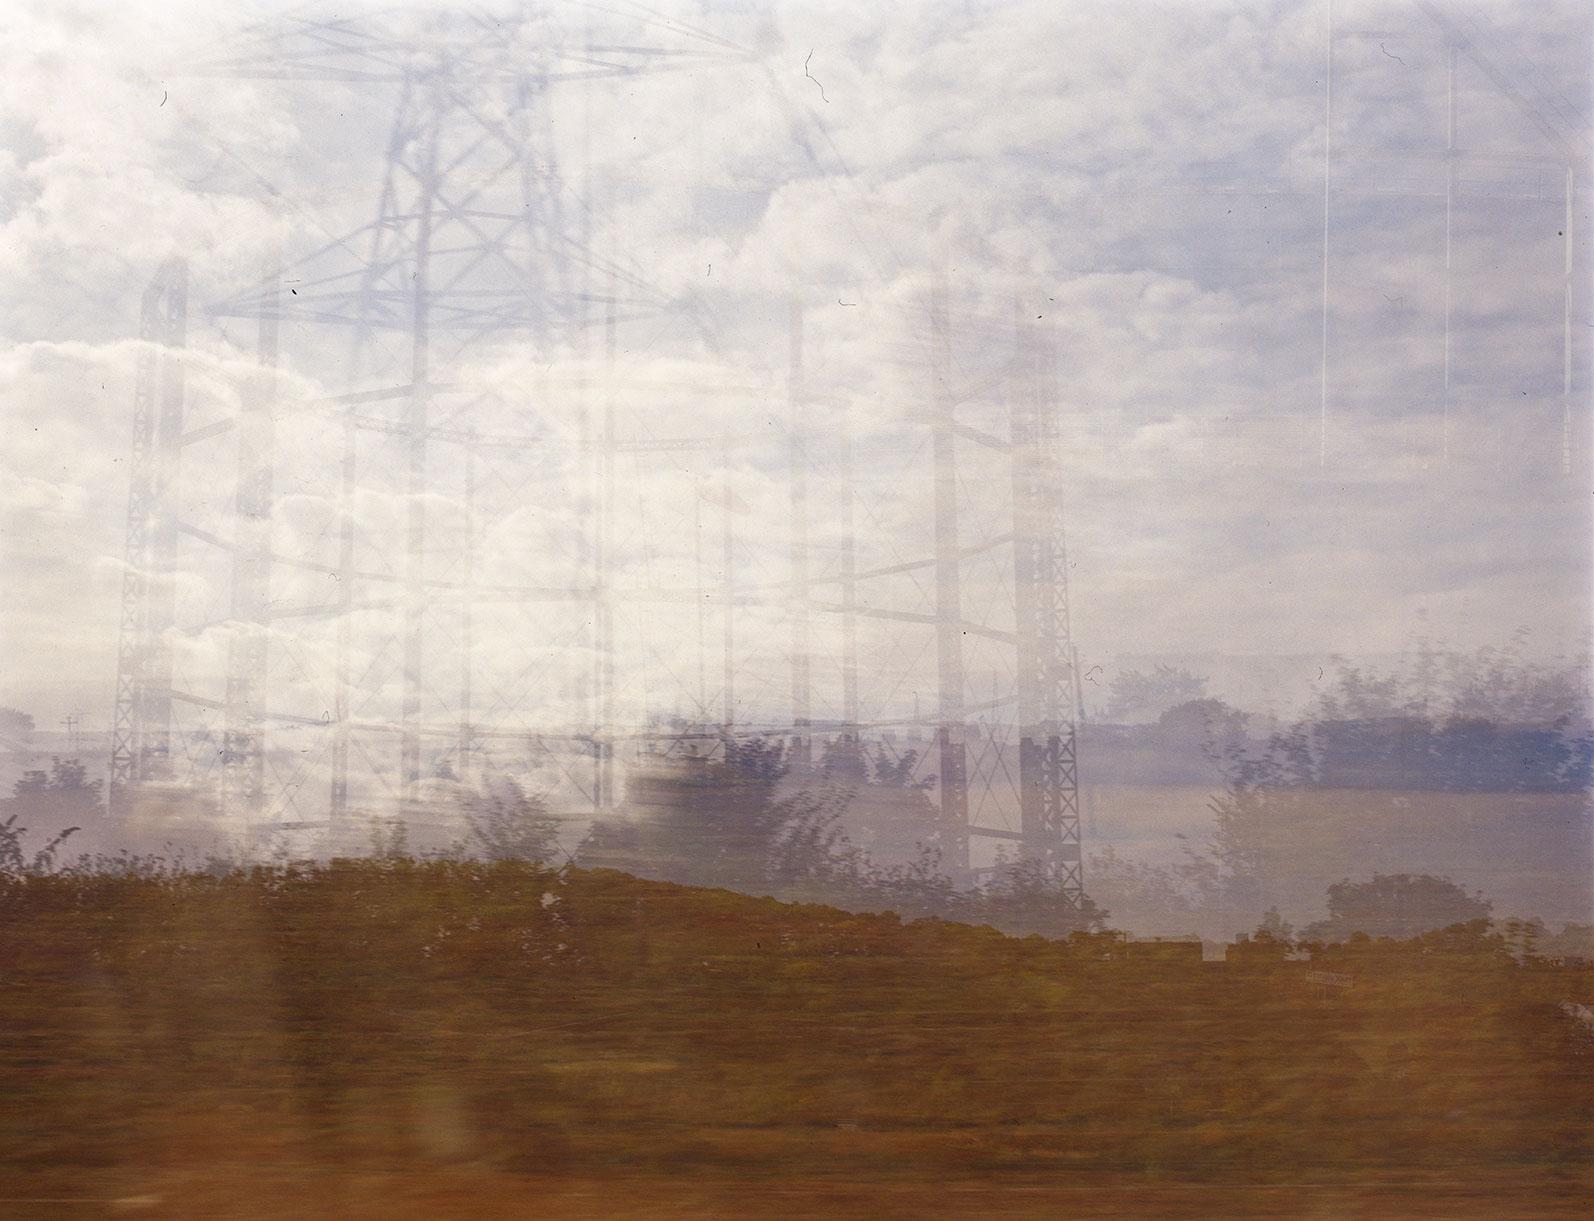 midsummer train